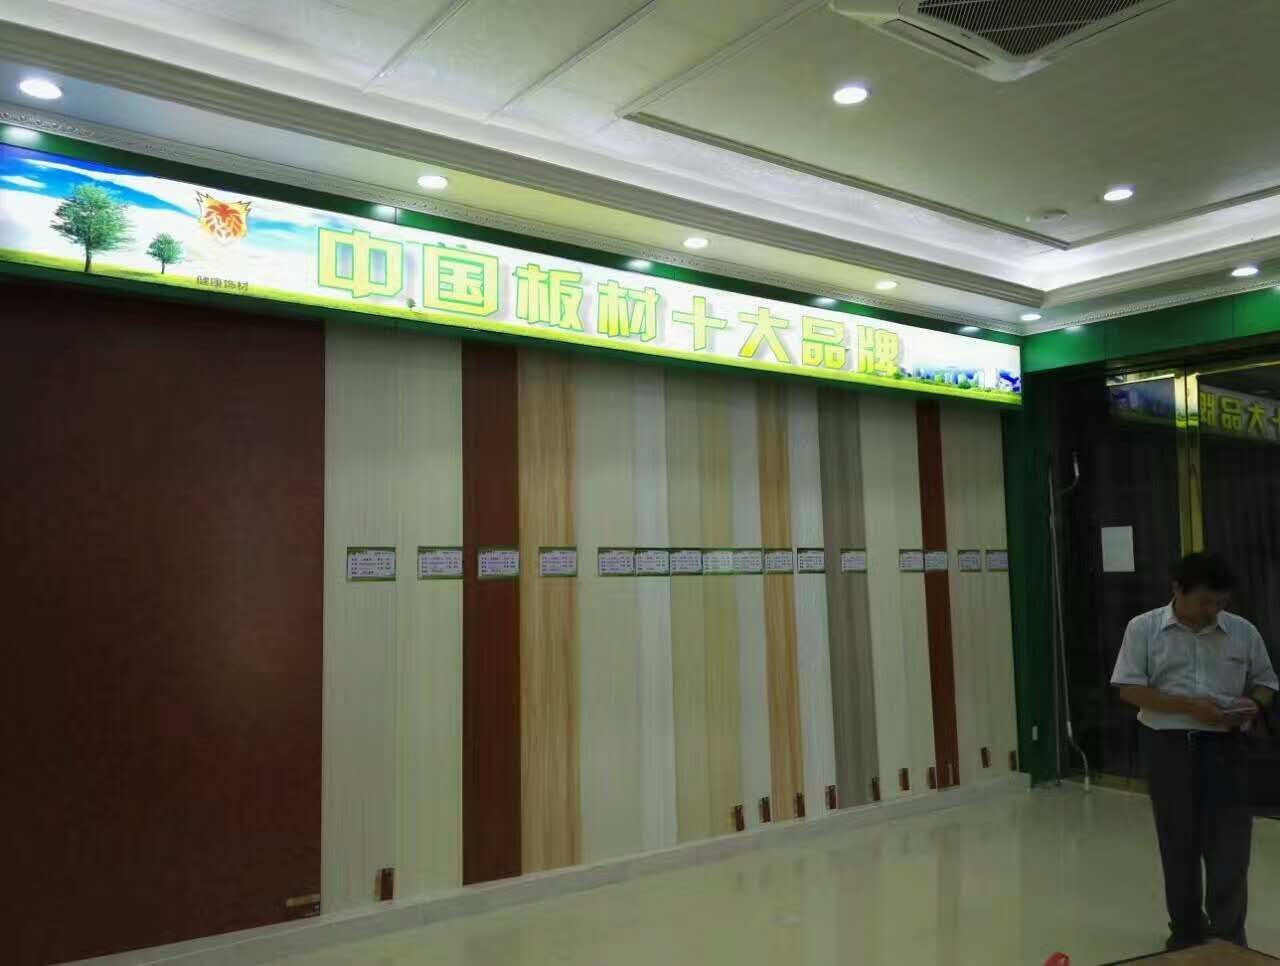 板材十大品牌【美狮王】江西赣州一店开业啦!